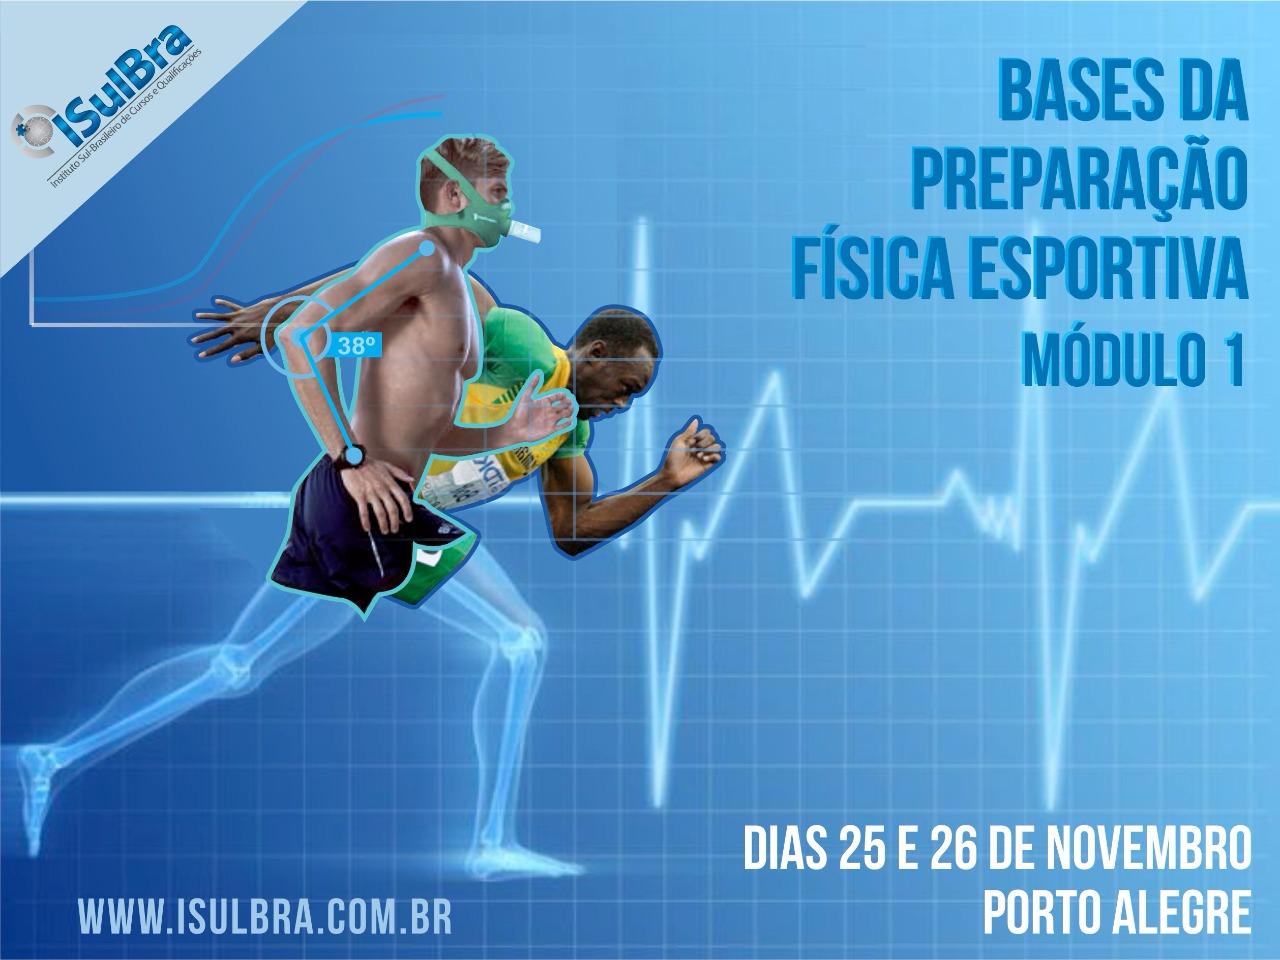 Curso para Bases da Preparação Física Esportiva - Módulo 1.